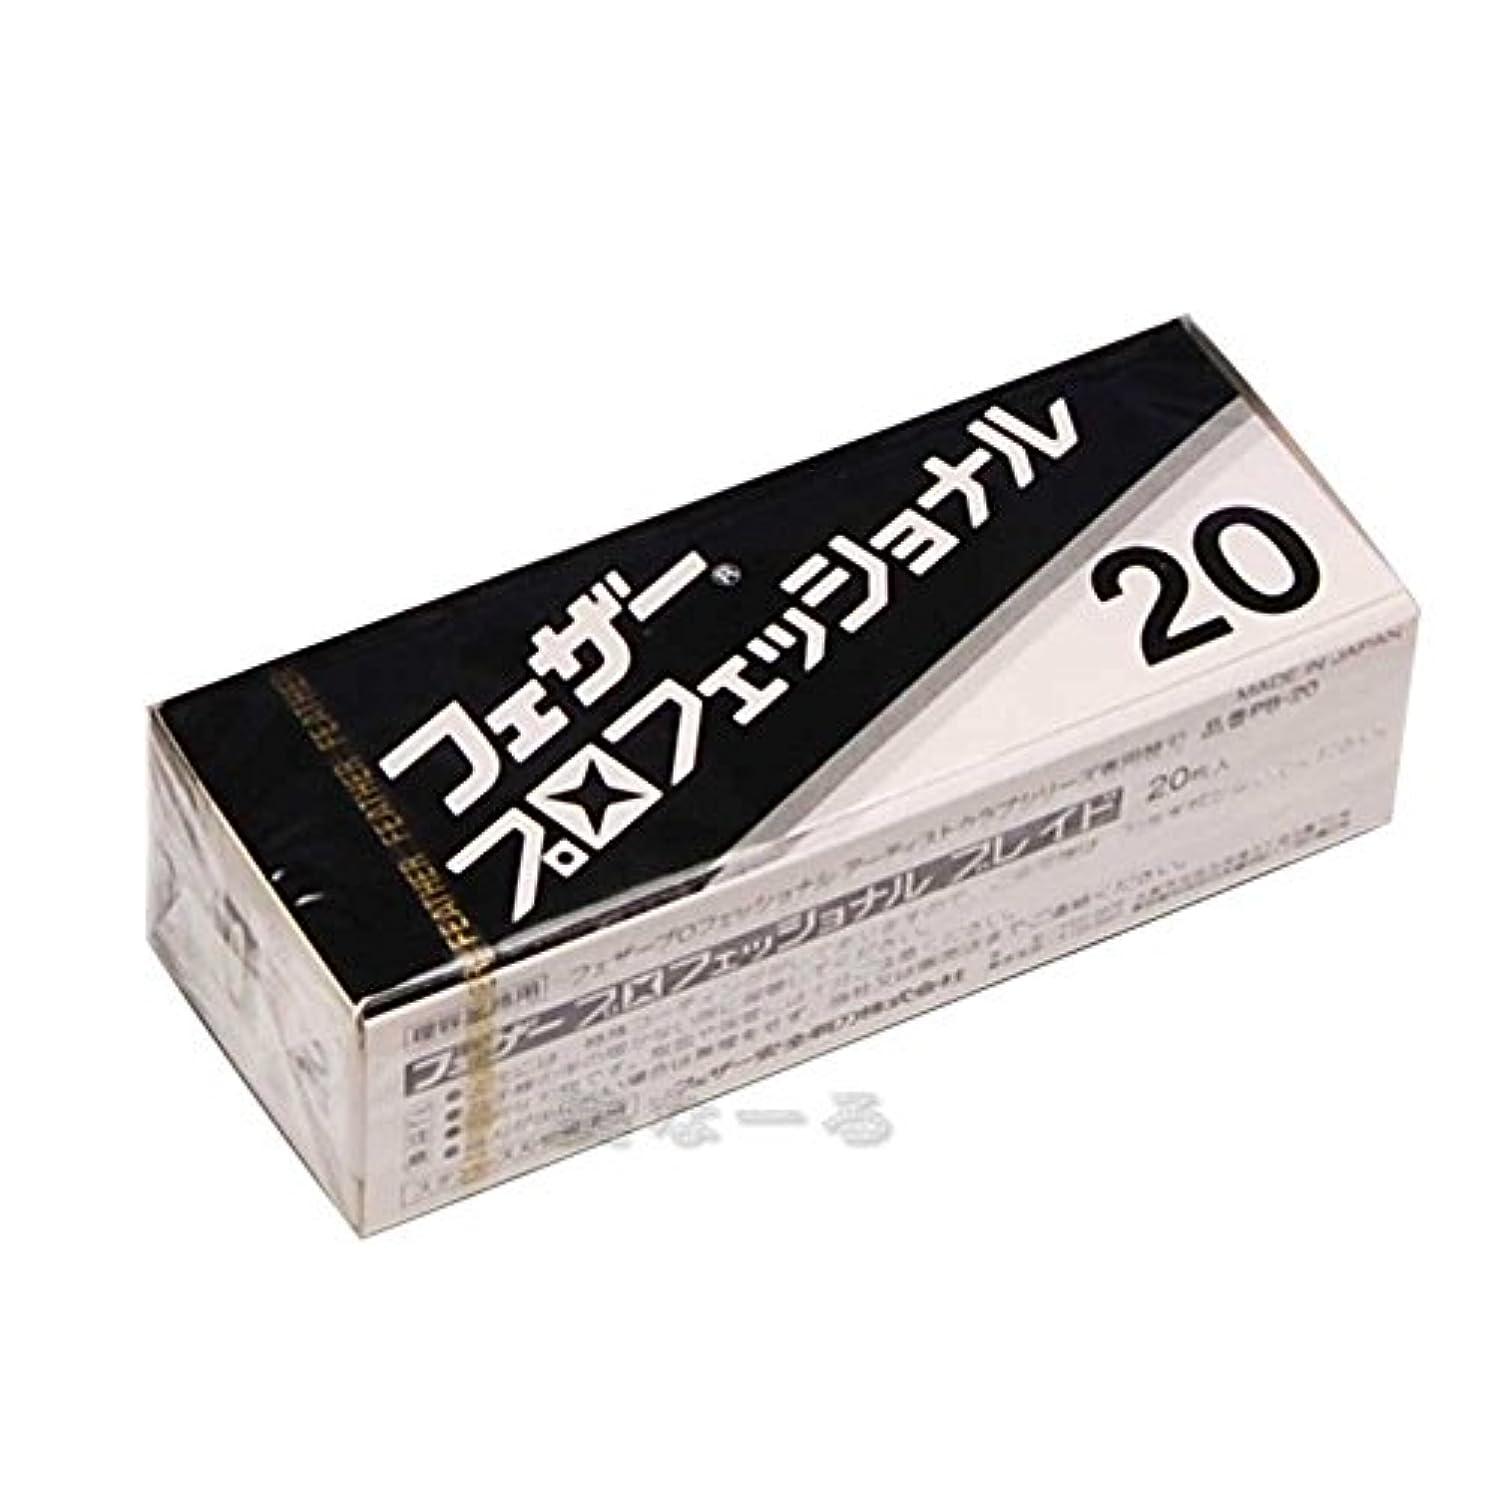 重要性侵入ホットフェザー プロフェッショナル ブレイド PB-20 替刃 20枚入